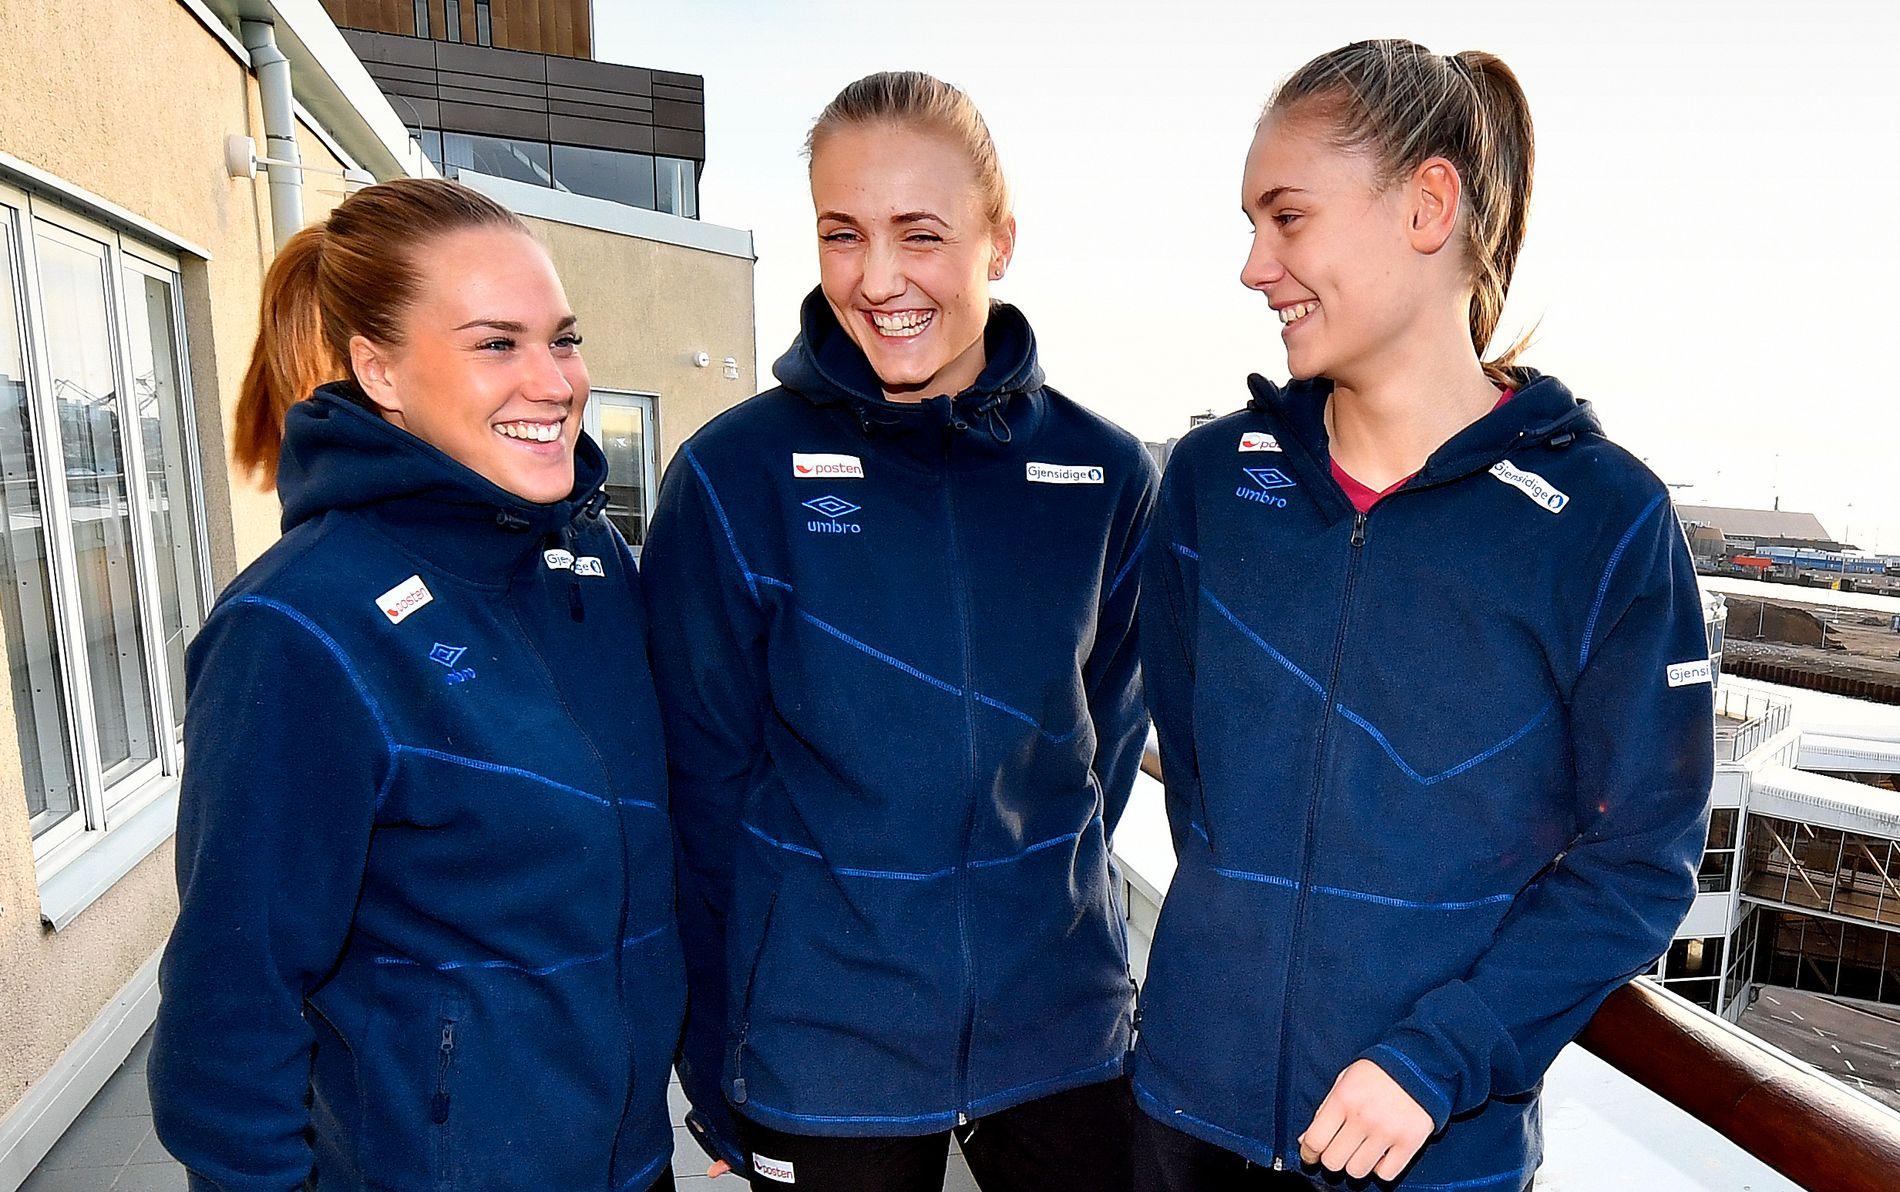 HVEM ER DETTE: Klarer du å navngi disse tre spillerne? Dette er håndballjentenes tre nye fjes. Fra venstre: Malin Aune, Silje Waade og Kjerstin Boge Solås.